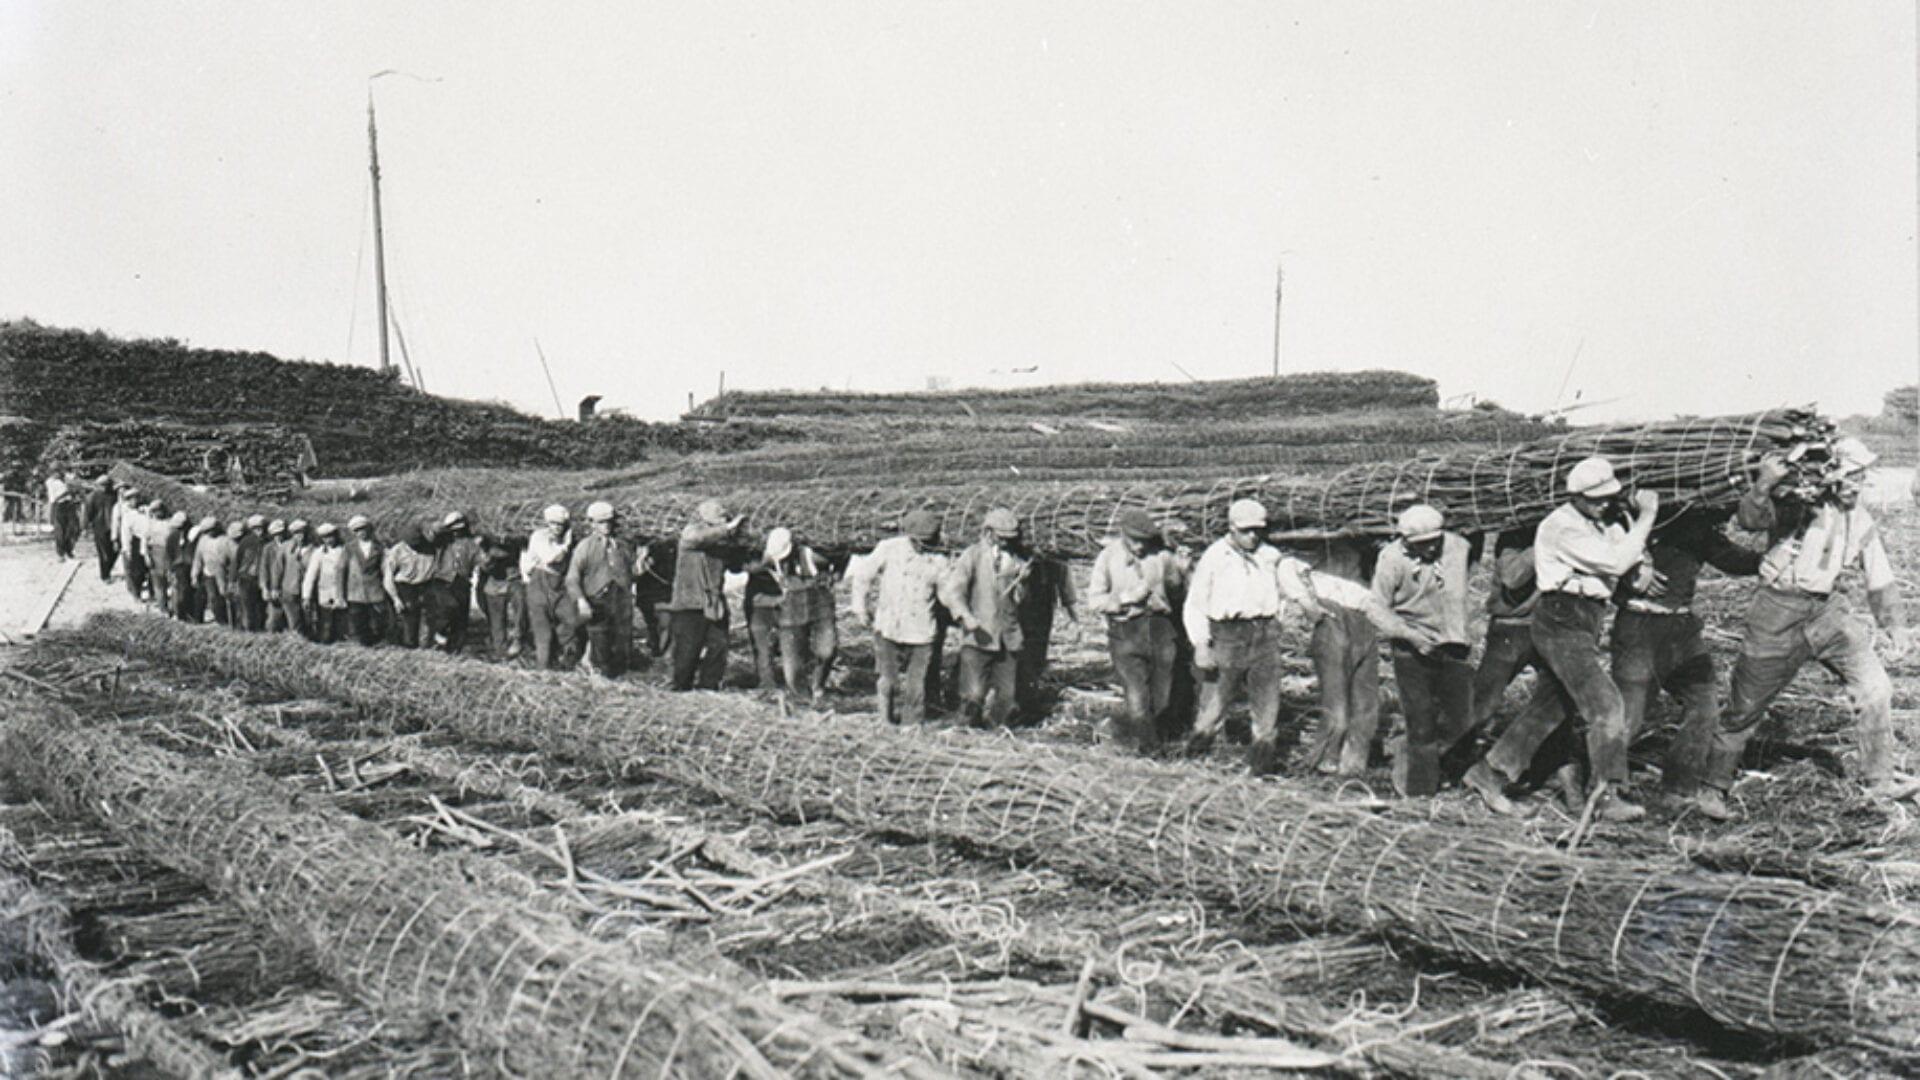 Oude foto van het werk aan de Afsluitdijk. Links zie je rollen met riet liggen. Daarnaast zijn mannen die de rollen naar de Afsluitdijk dragen.